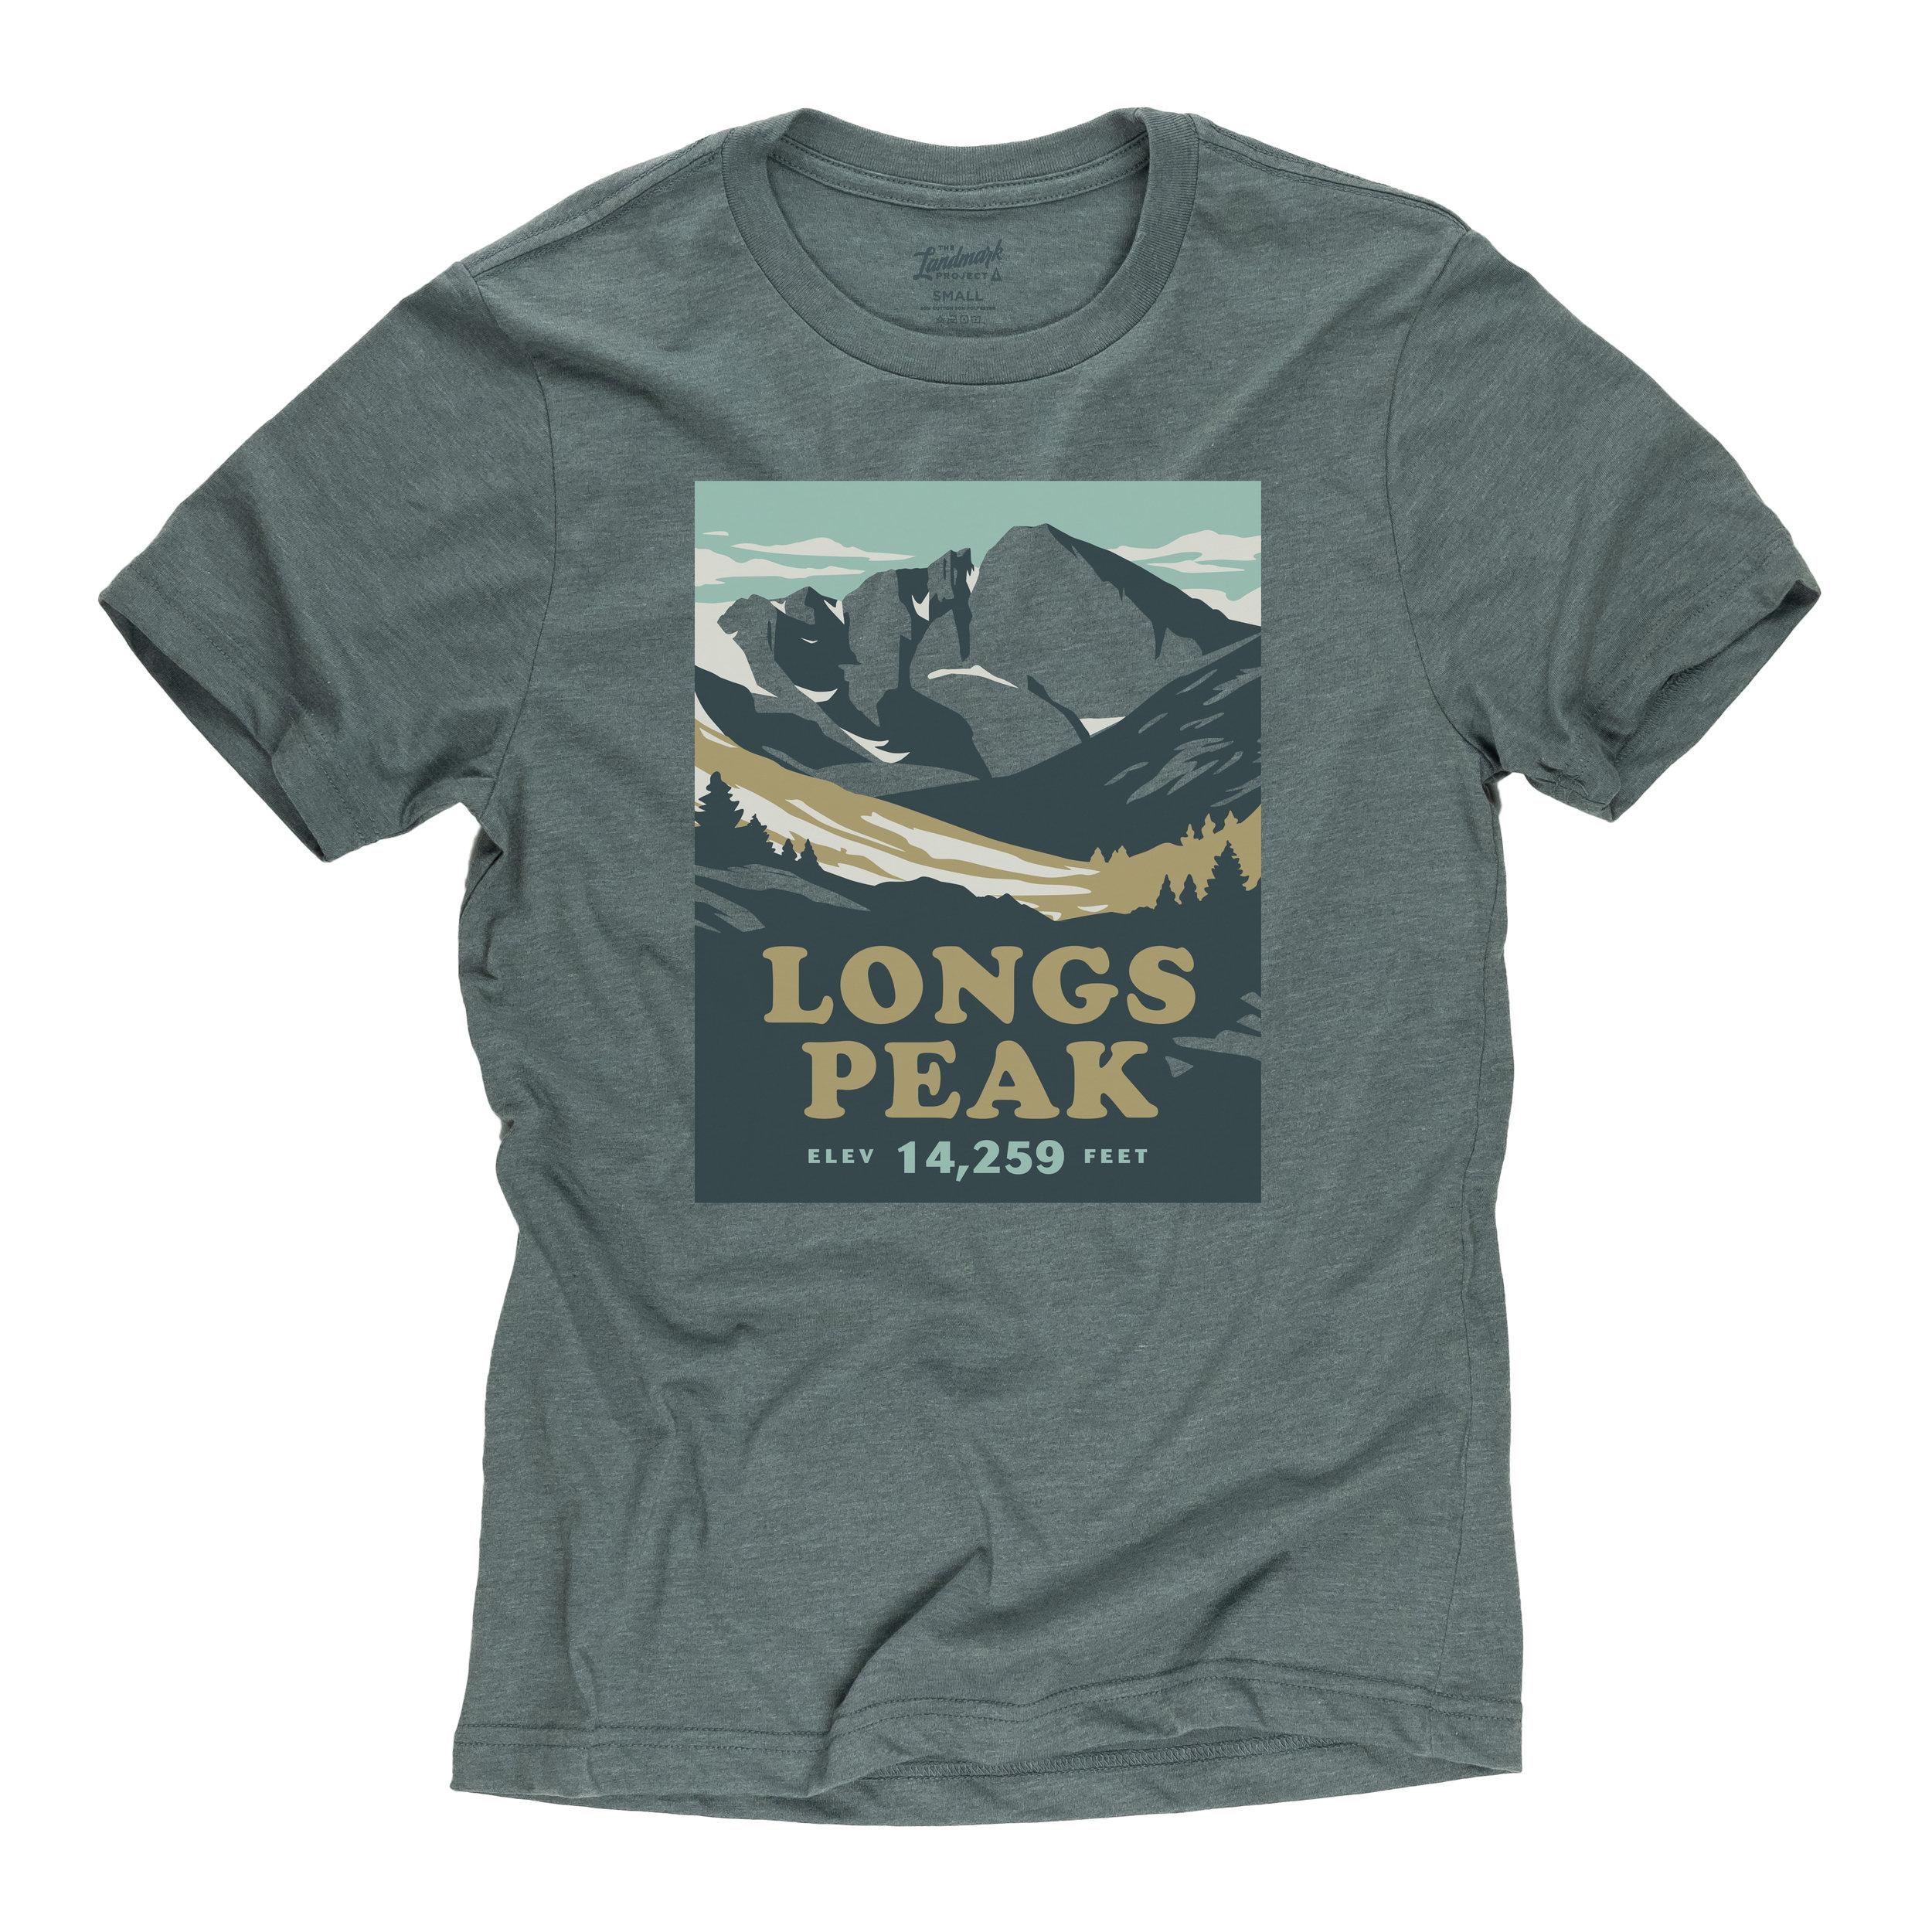 longs-peak-manatee-tee.jpg